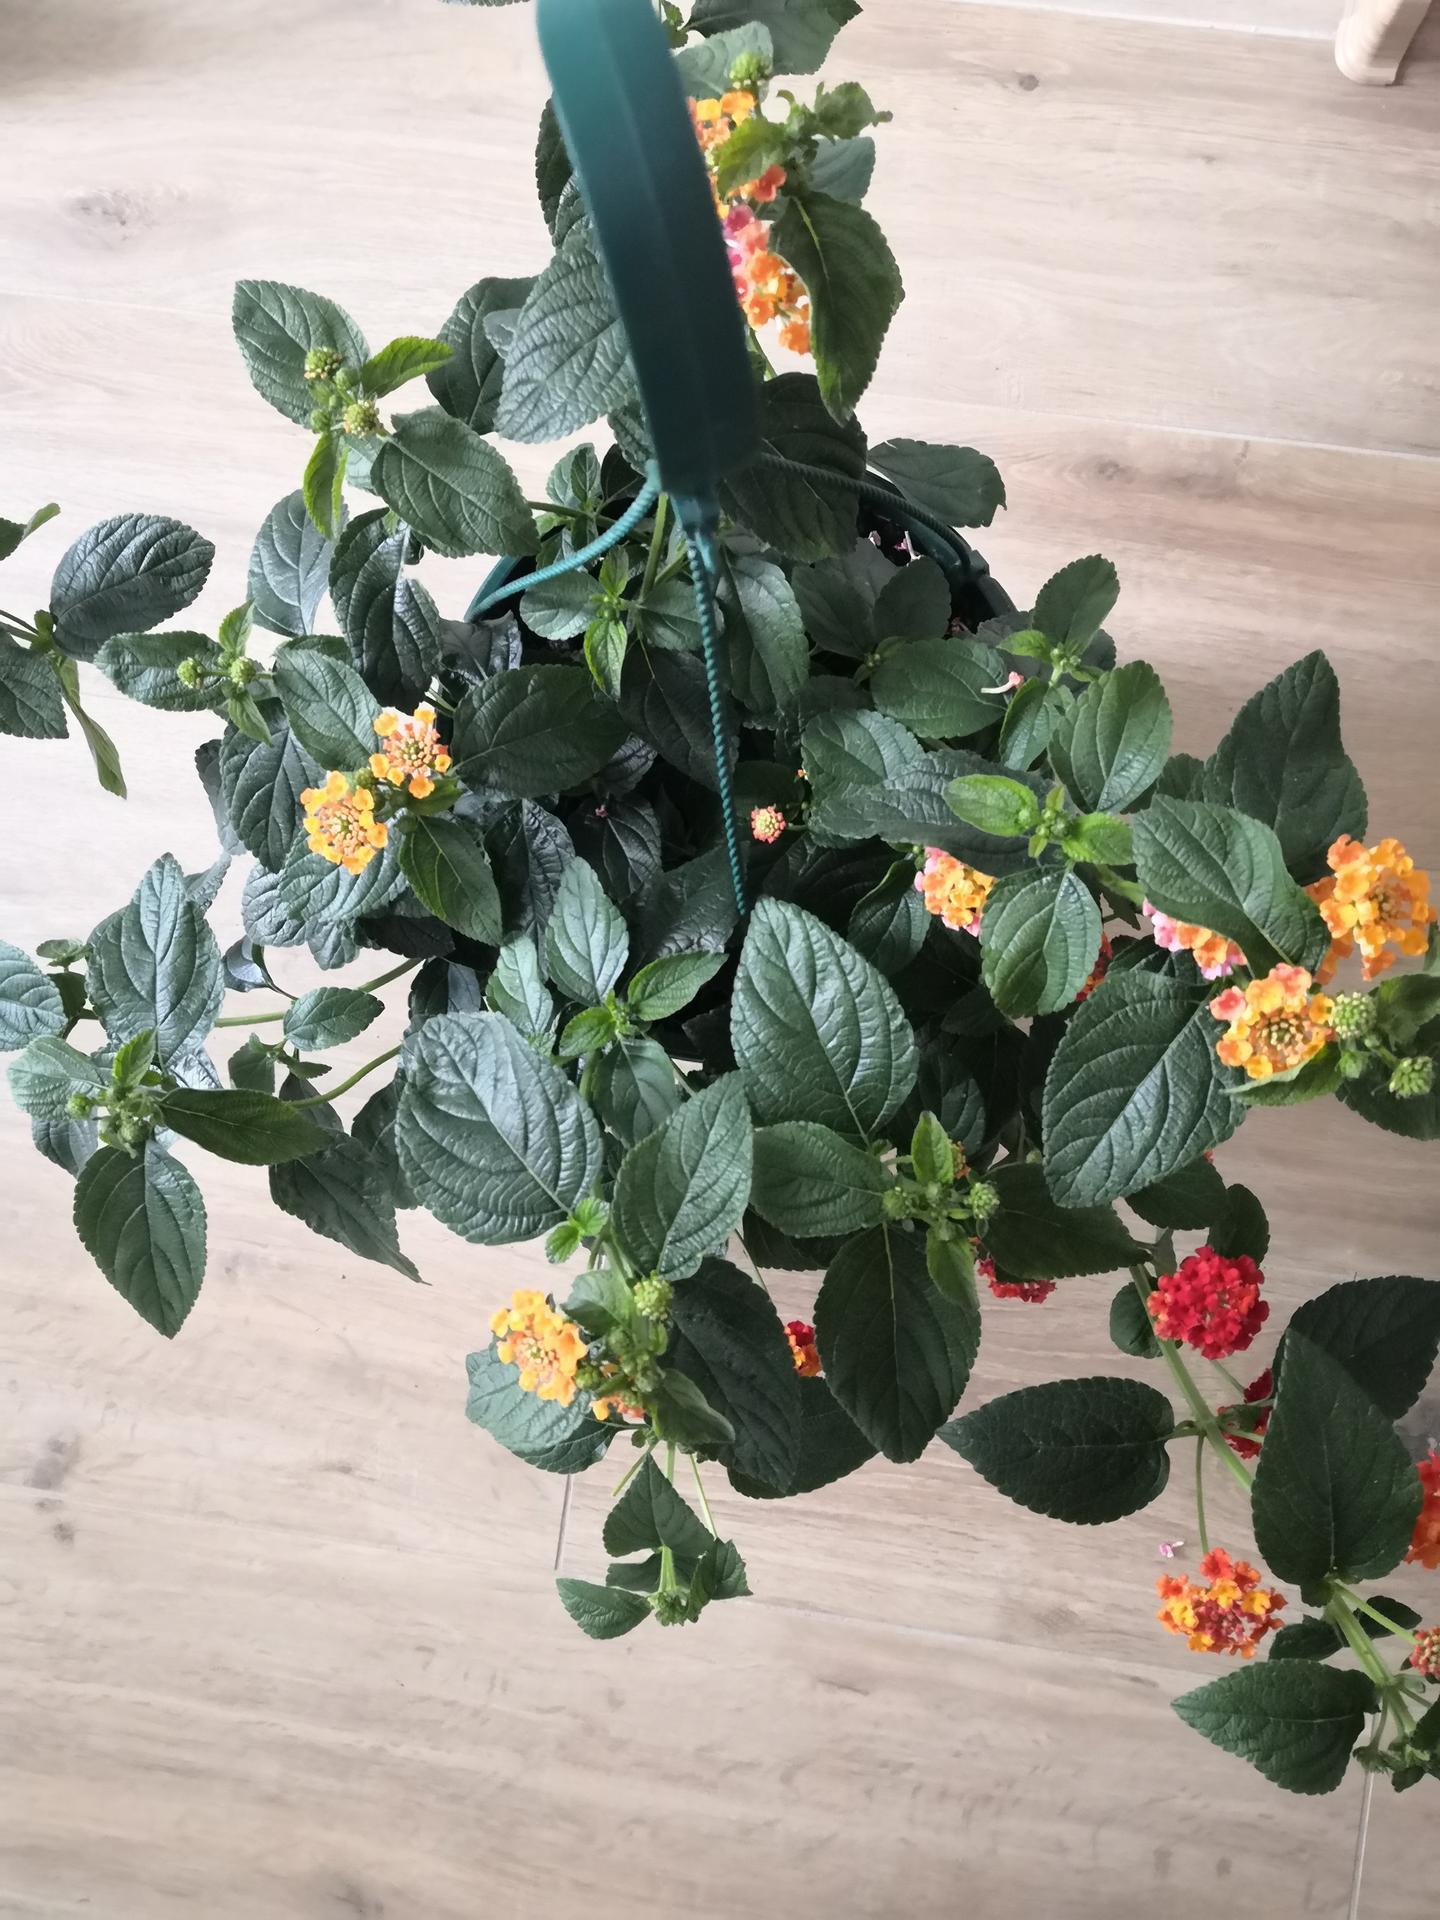 Vie mi niekto prosím poradiť aký je toto kvet? - Obrázok č. 1